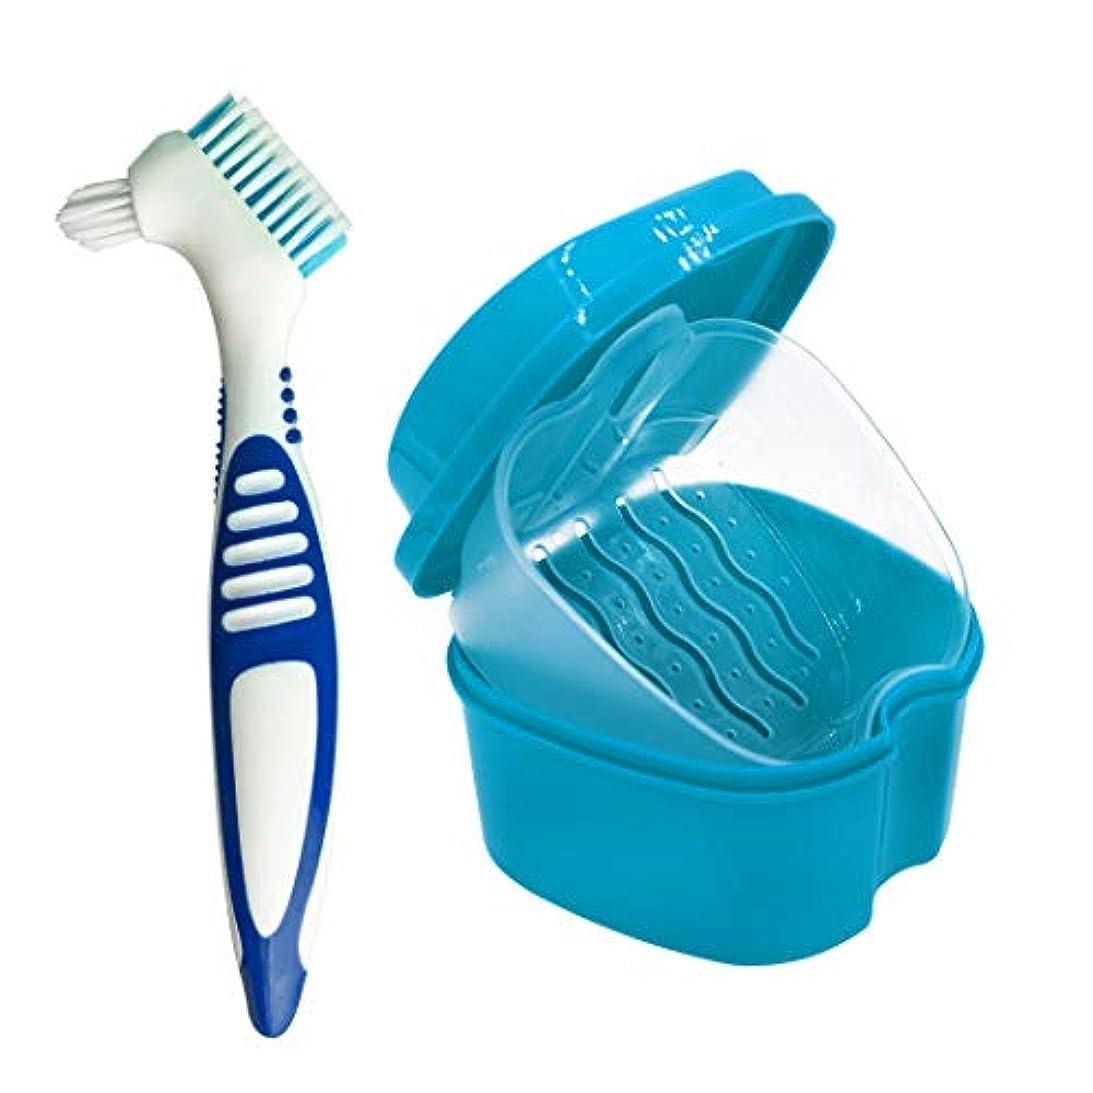 YLX入れ歯ケース最新版 入れ歯収納 義歯ボックス 義歯収納容器 リテーナーボックス 旅行用 携帯用 ポータブル 防水 軽量 (入れ歯ケース+入れ歯用ブラシ) (青い)